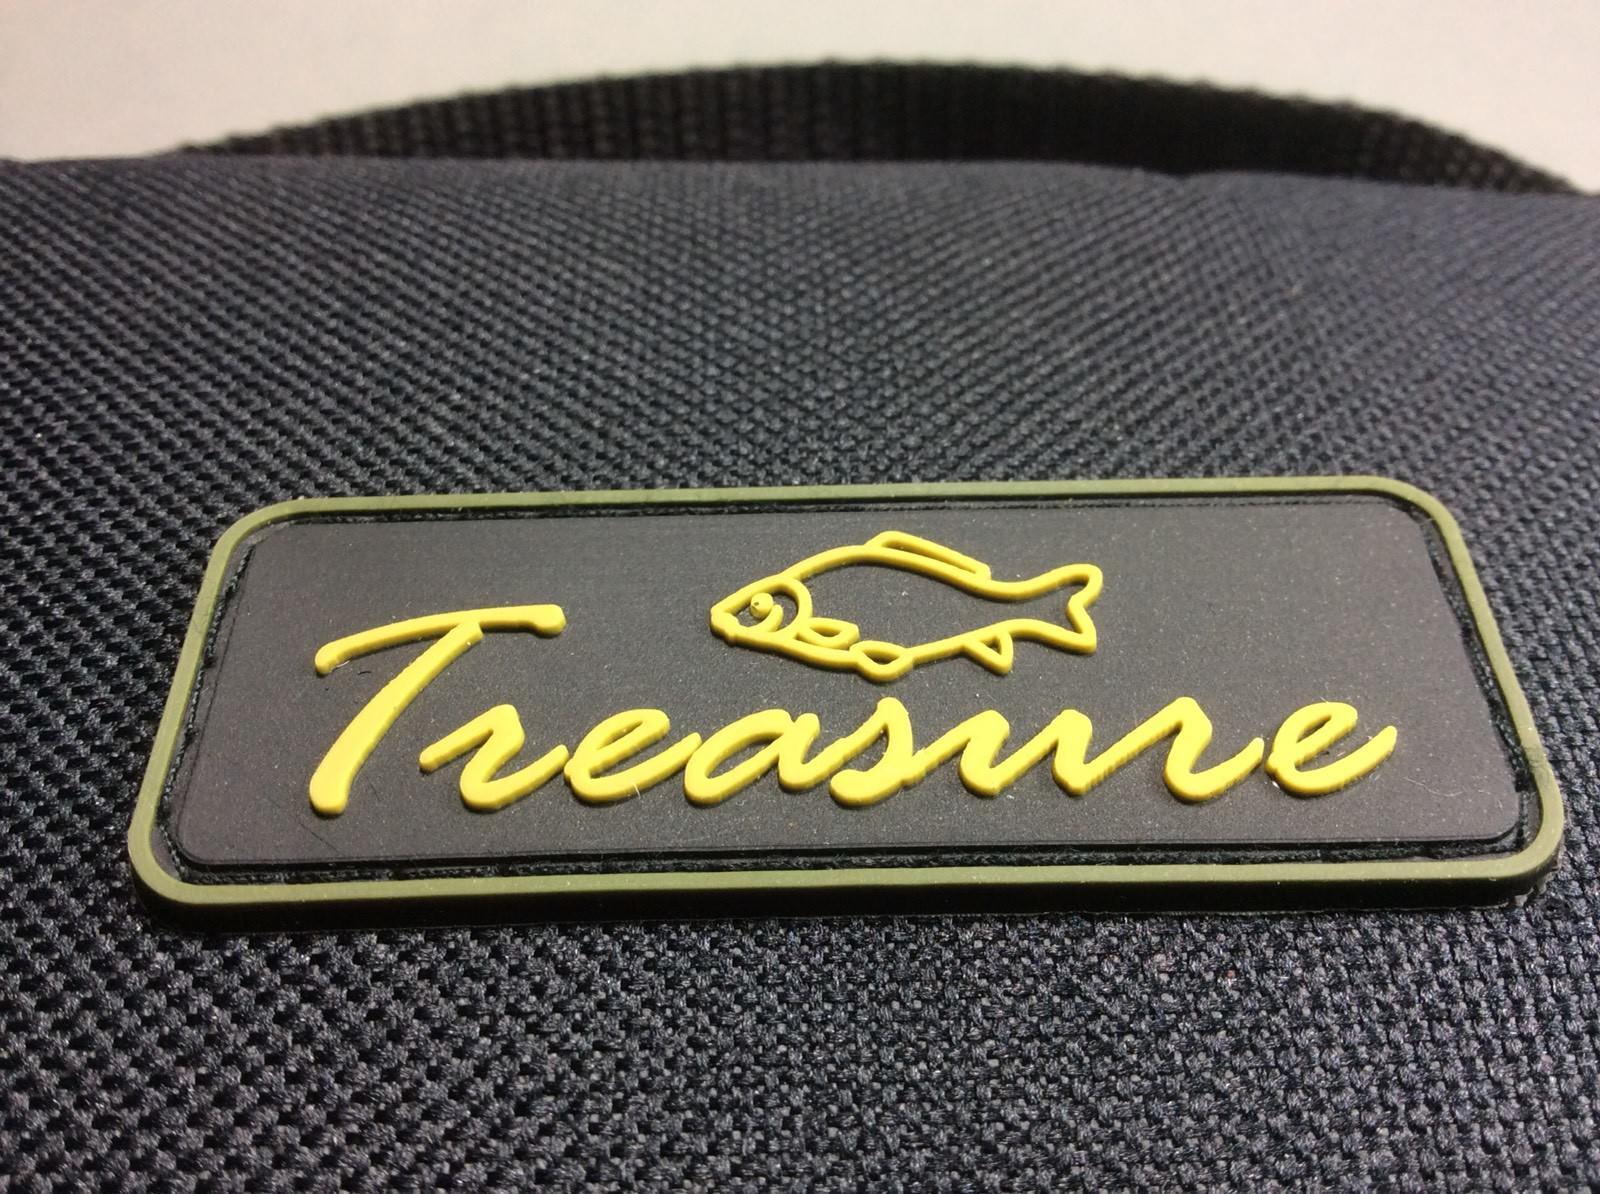 Treasure scale 54kg con Borsa Nero Nuovo Bilancia da da da pesca, Bilancia, Bilancia a Molla 46d798